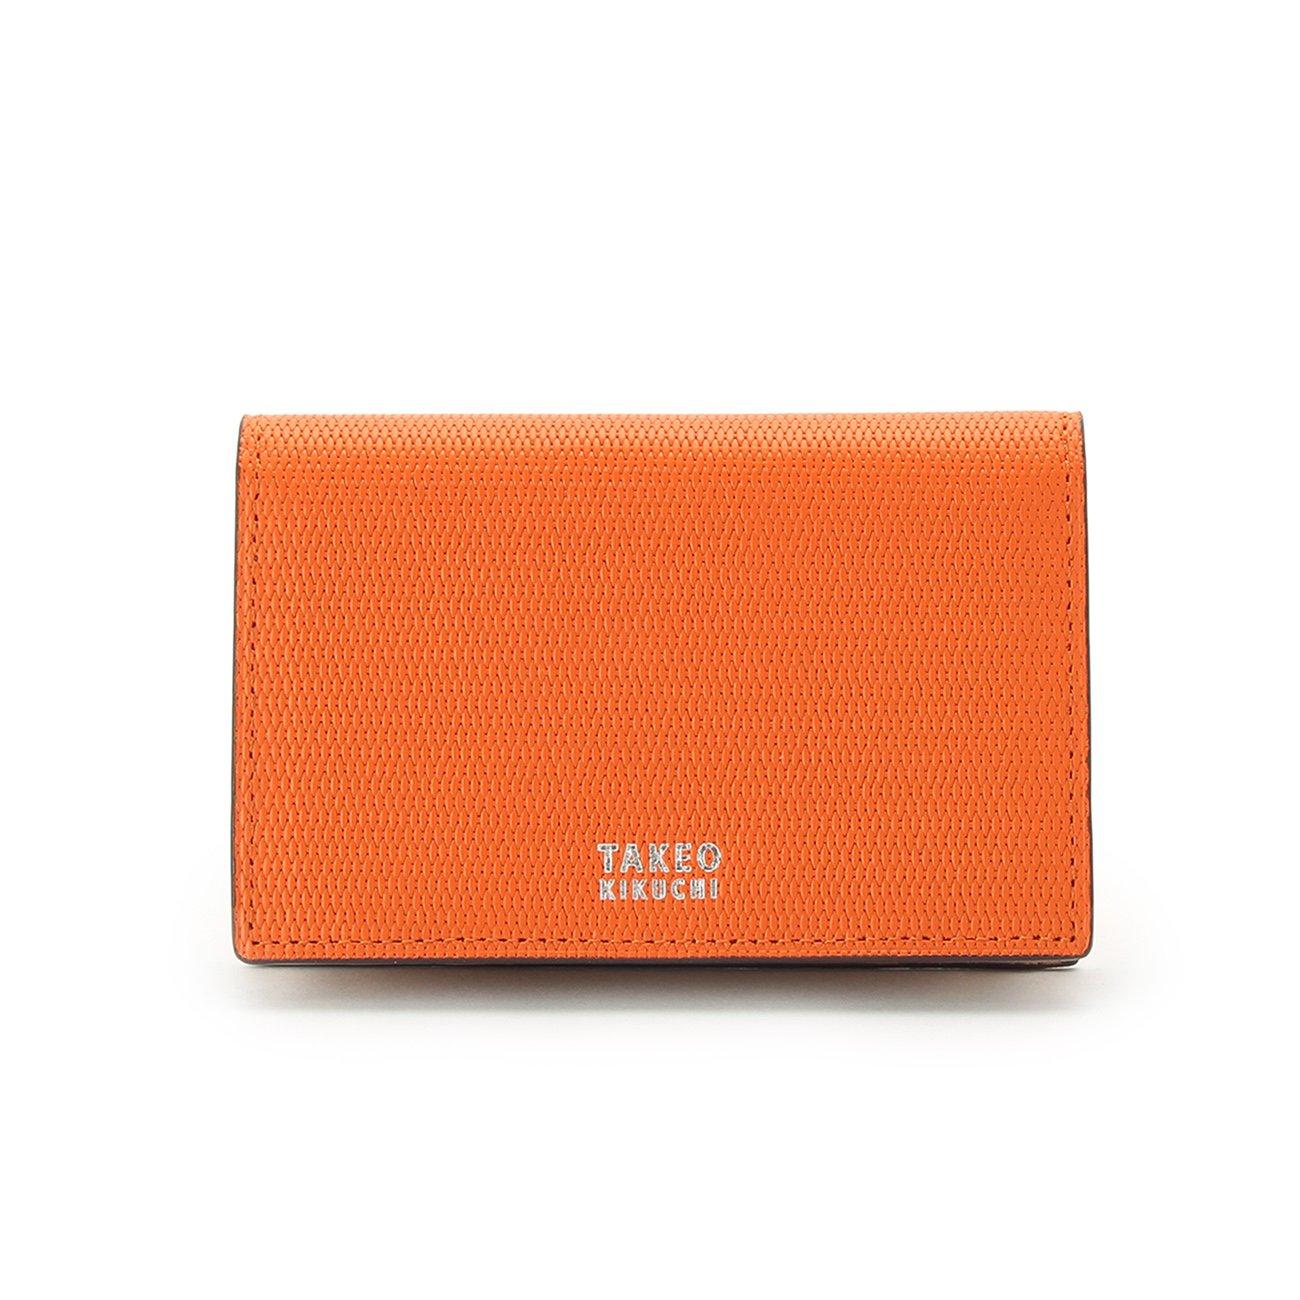 (タケオキクチ) TAKEO KIKUCHI ミニメッシュ名刺カードケース 07001522 B072Q1K41Q オレンジ(567) オレンジ(567)